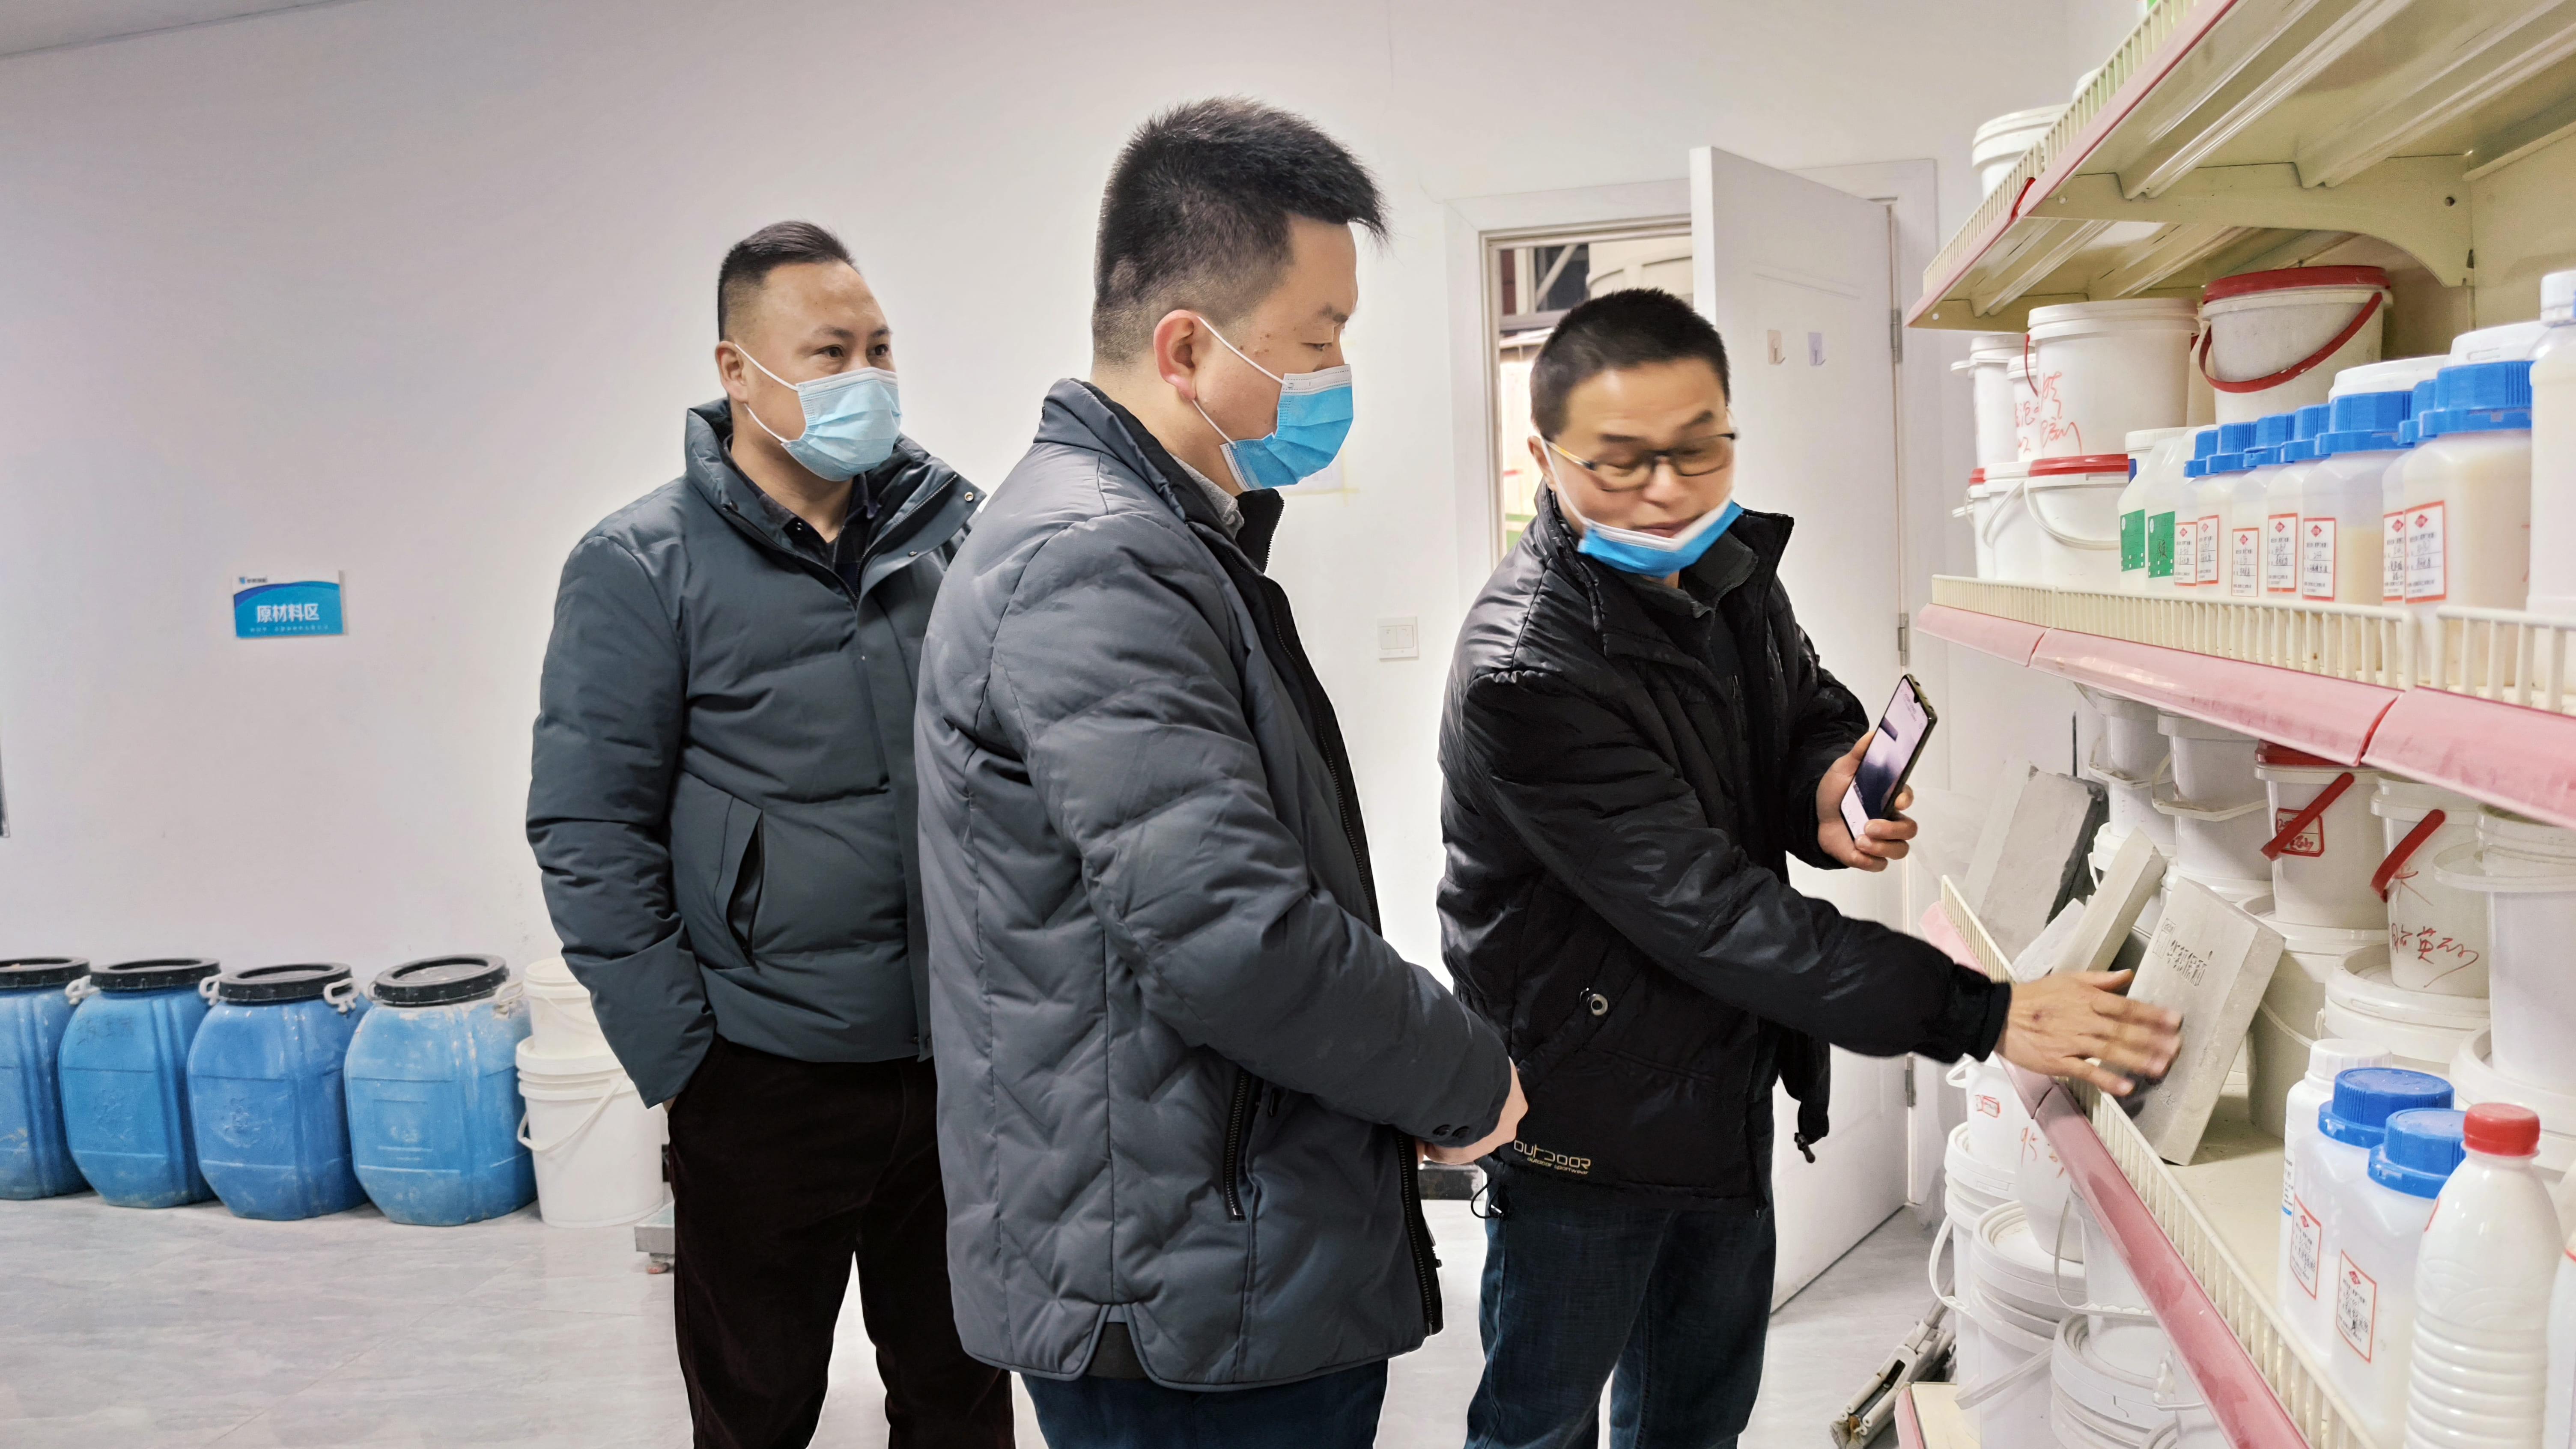 成都青白江经济开发区管理委员会领导一行到四川华一众创生产基地参观